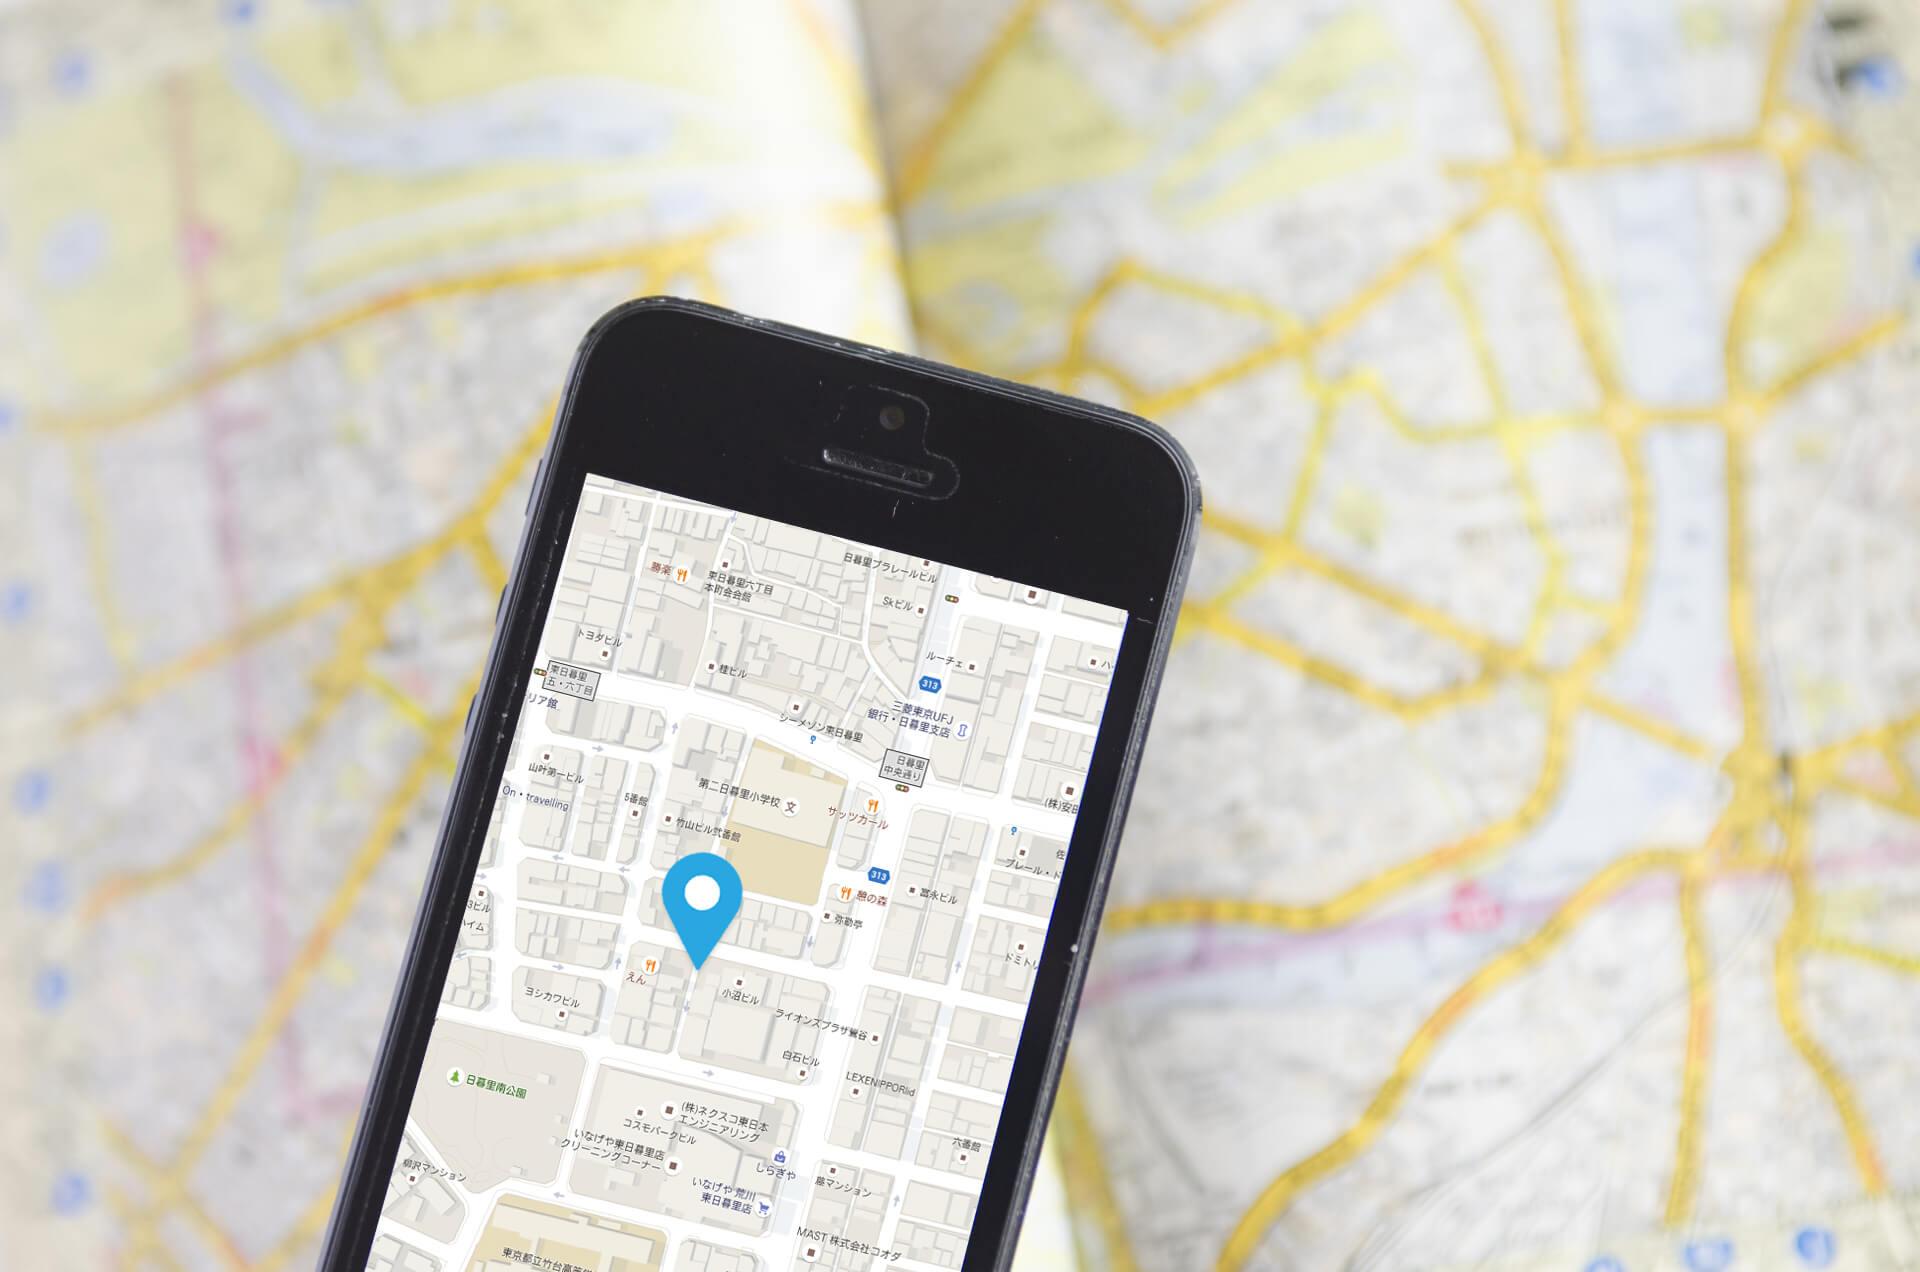 GPSレンタルの利用開始です